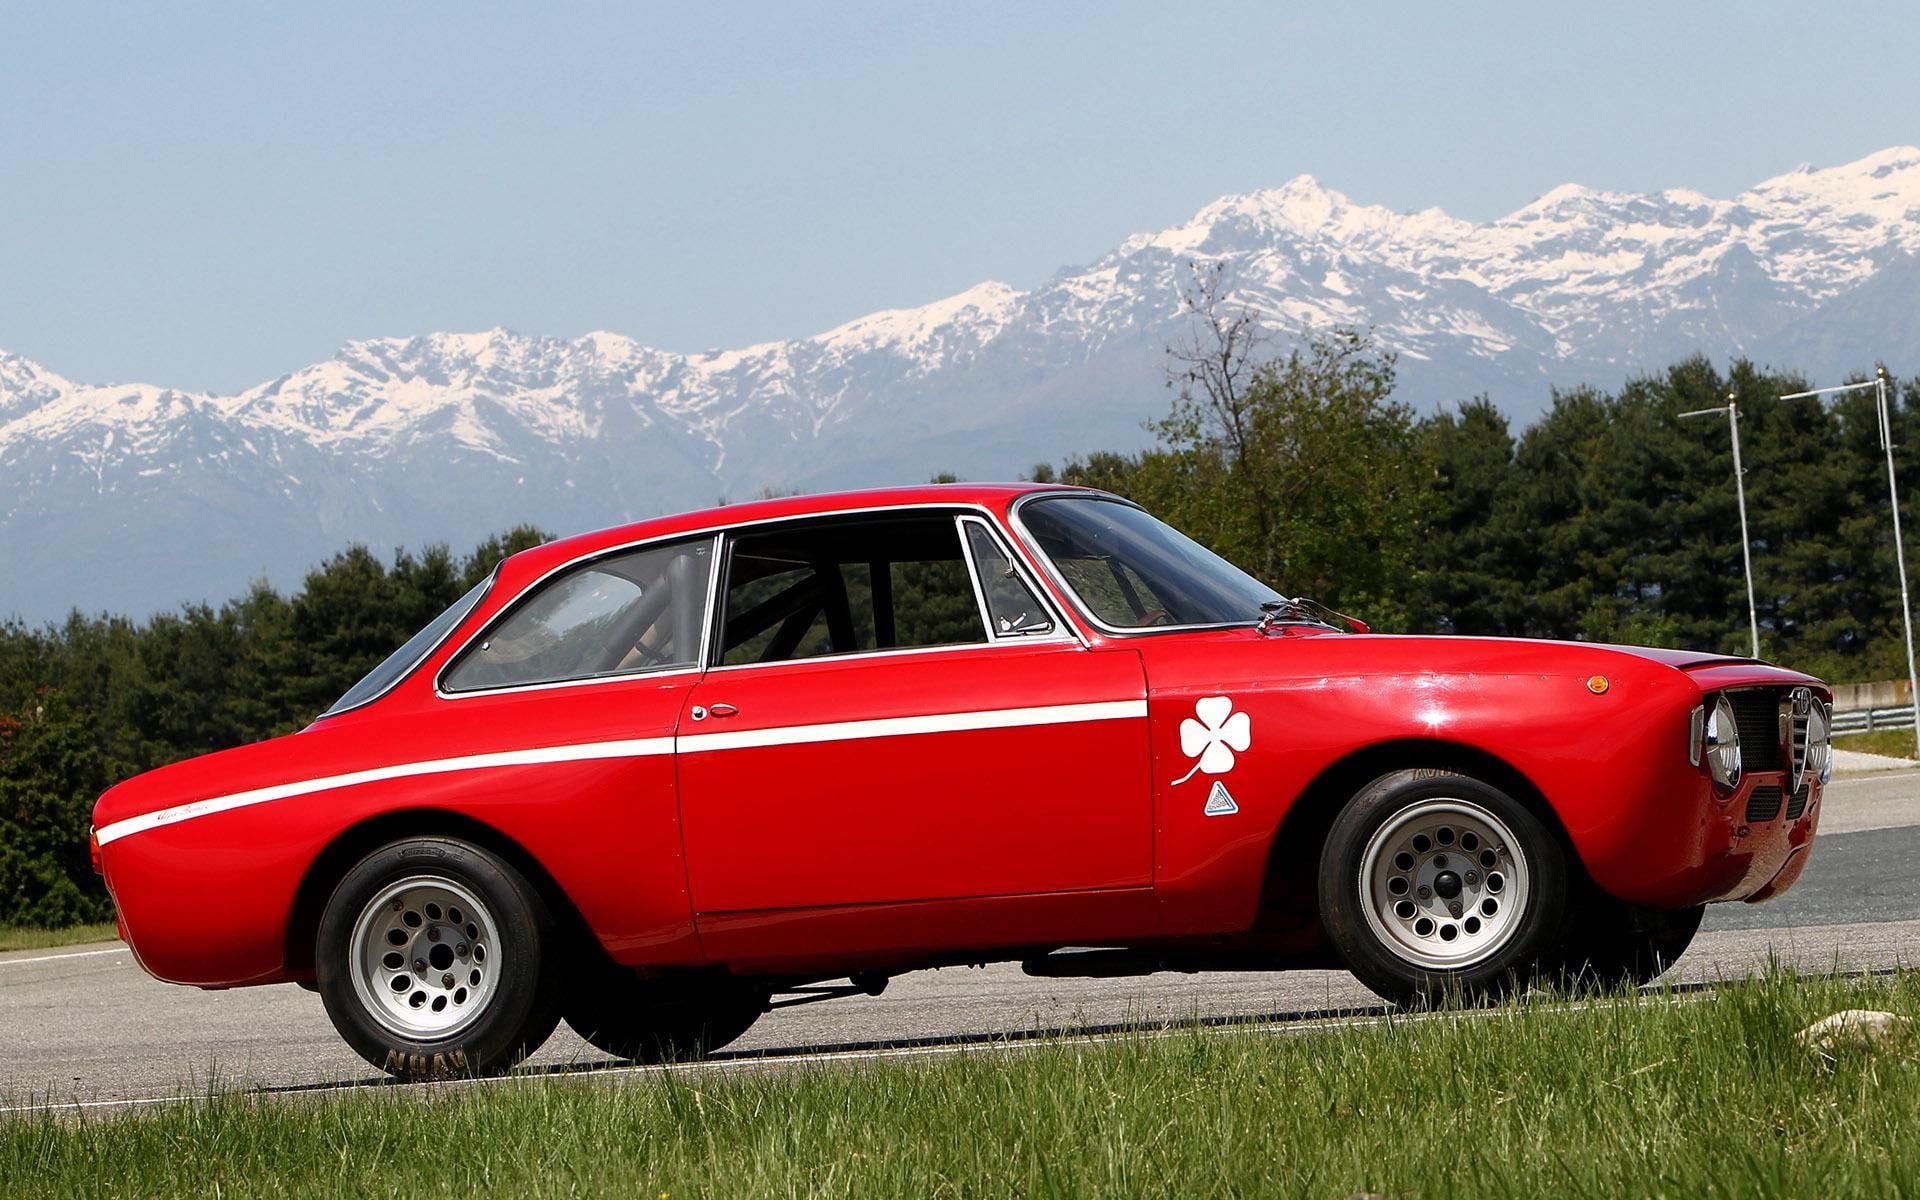 1968 Alfa Romeo Gta Red Coupe Cars 1920x1200 Alfa Romeo Alfa Romeo Gta 1080p Wallpaper Hdwallpaper Desktop Alfa Romeo Gta Alfa Romeo Alfa Romeo Giulia